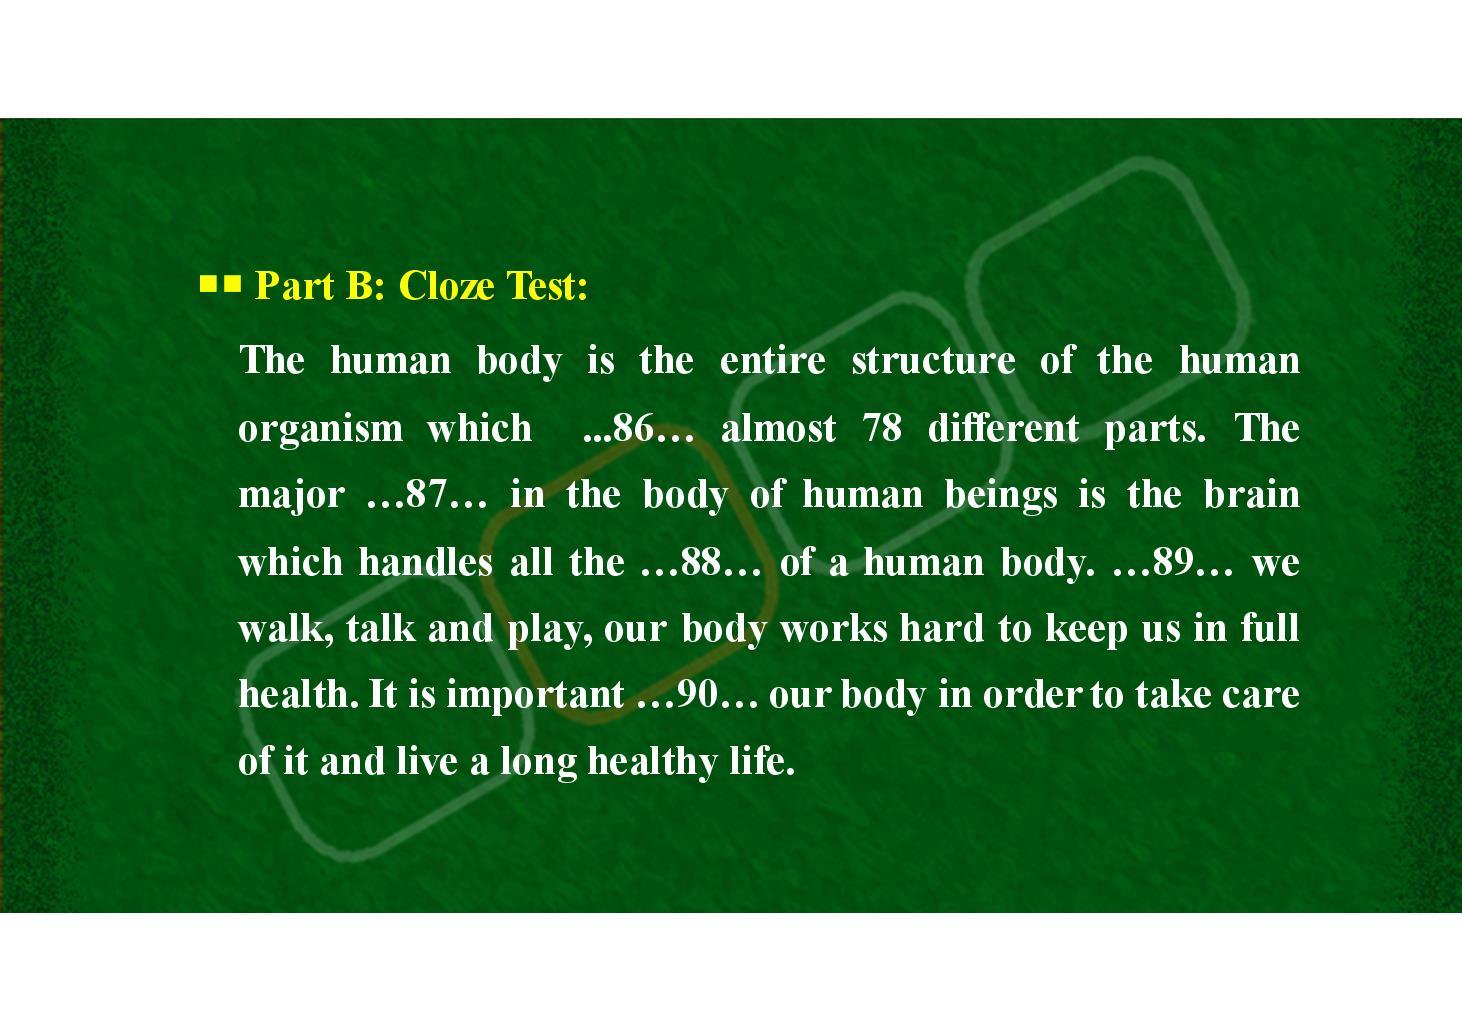 کلوز تست - 5 (PDF)